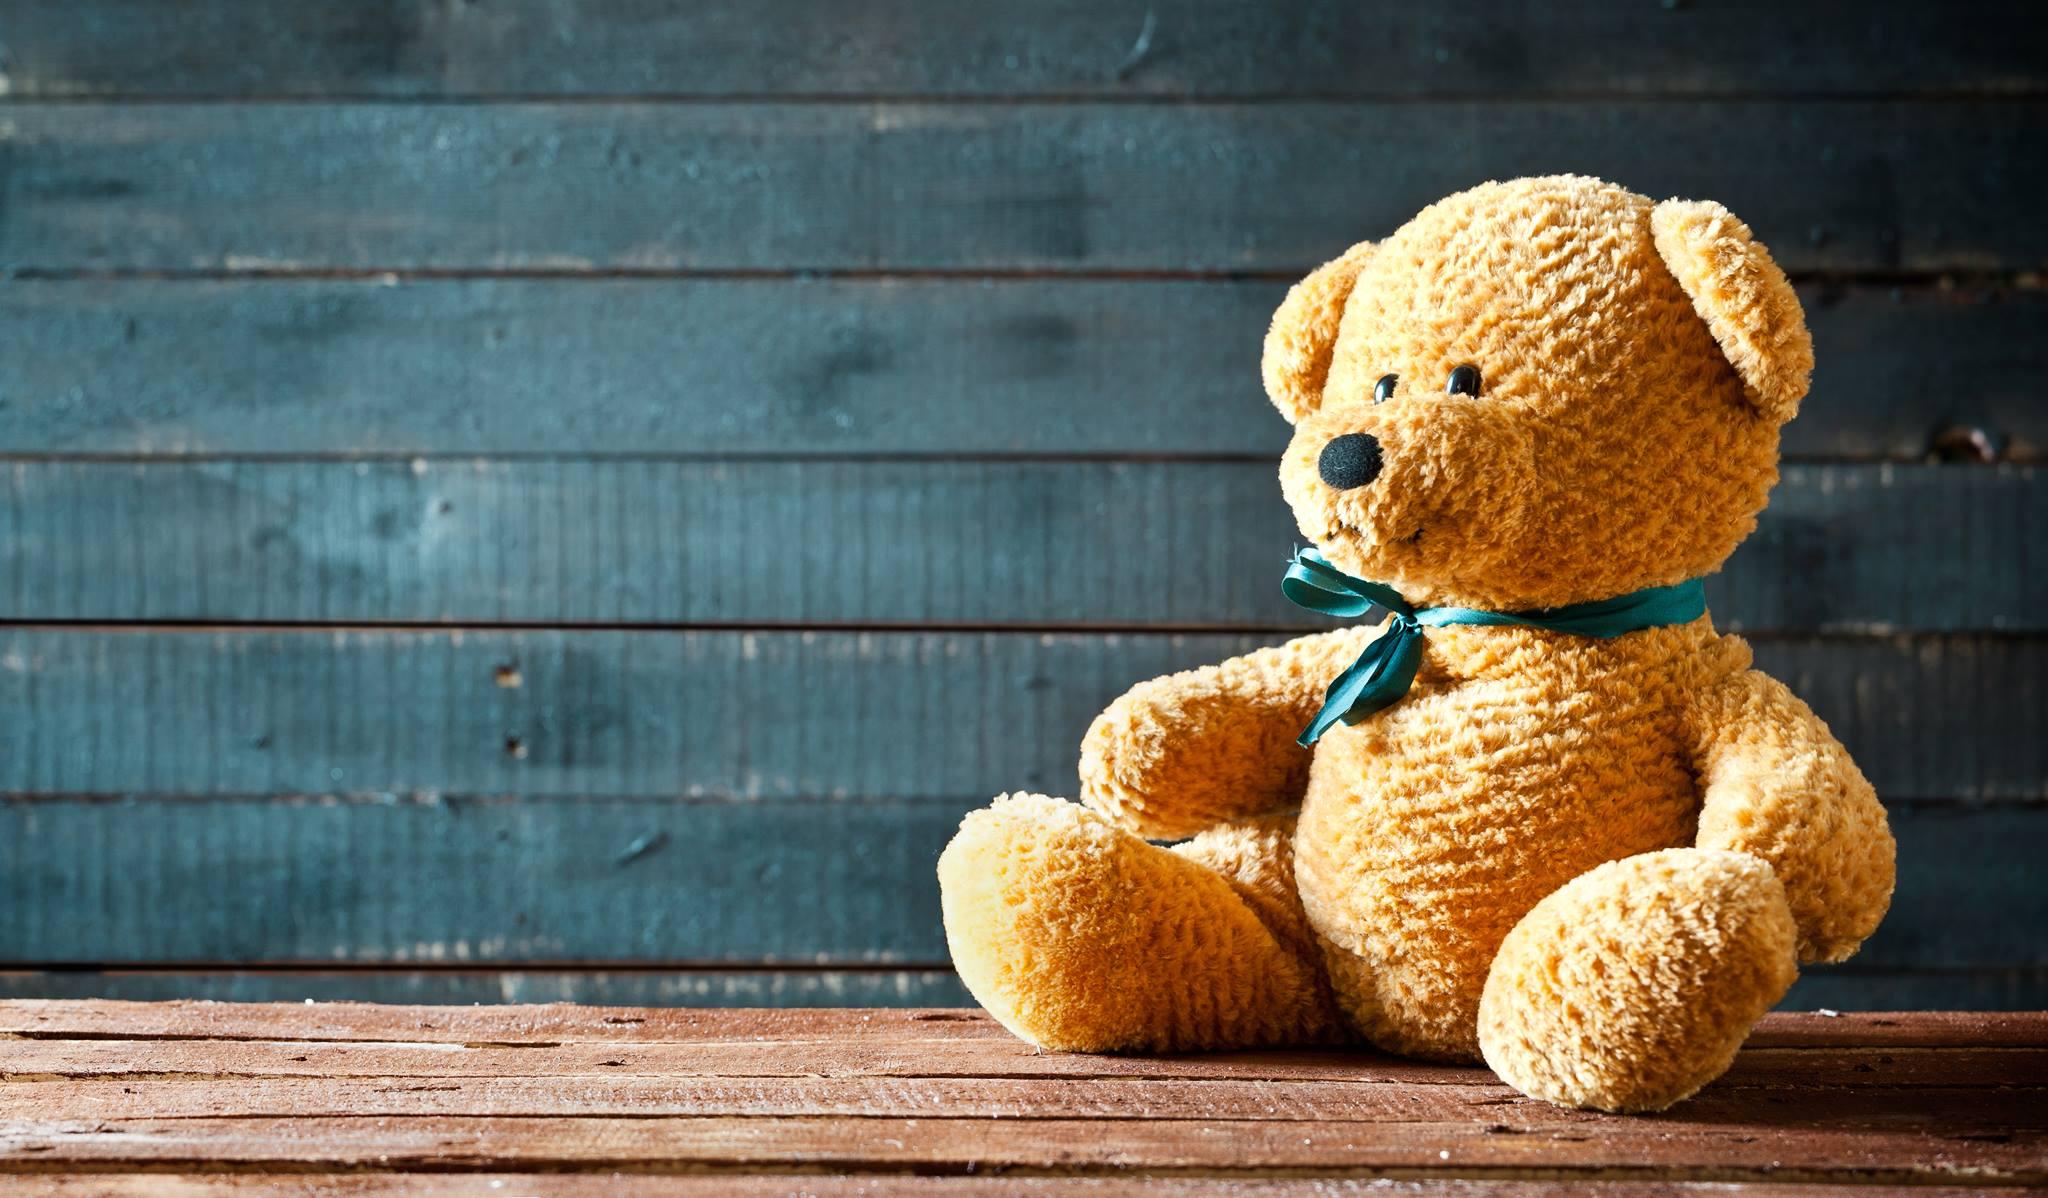 teddy bear picnic activities for kindergarten